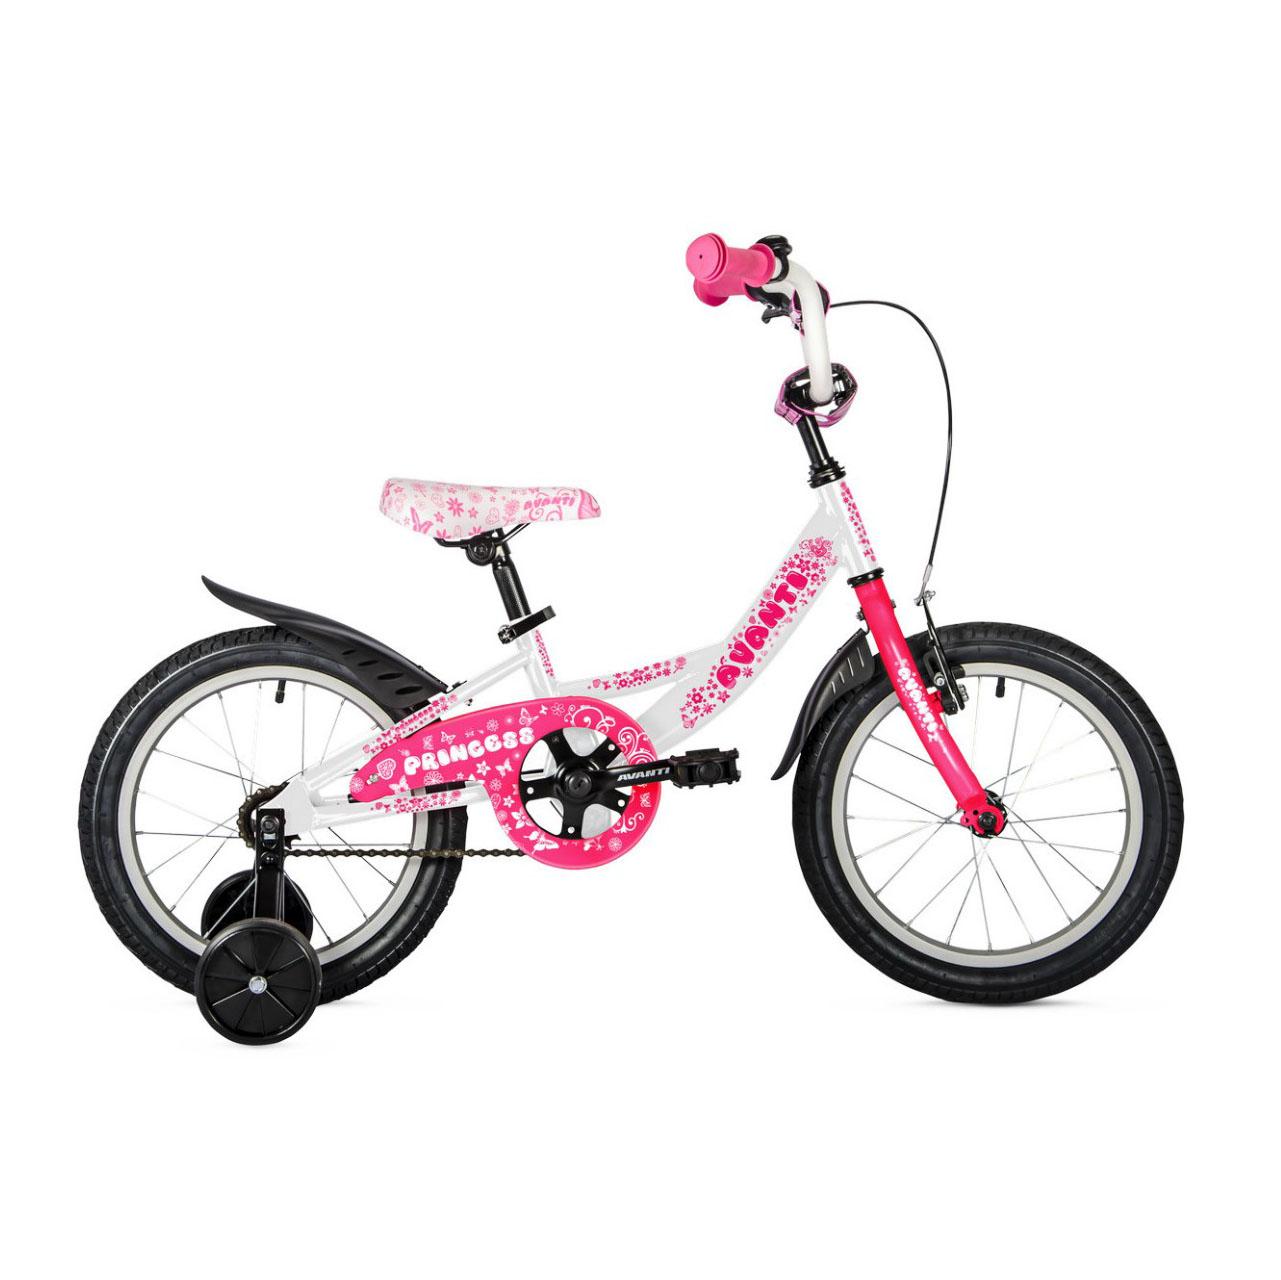 Фото Детский Велосипед 16 Avanti Princess 2018 бело-розовый